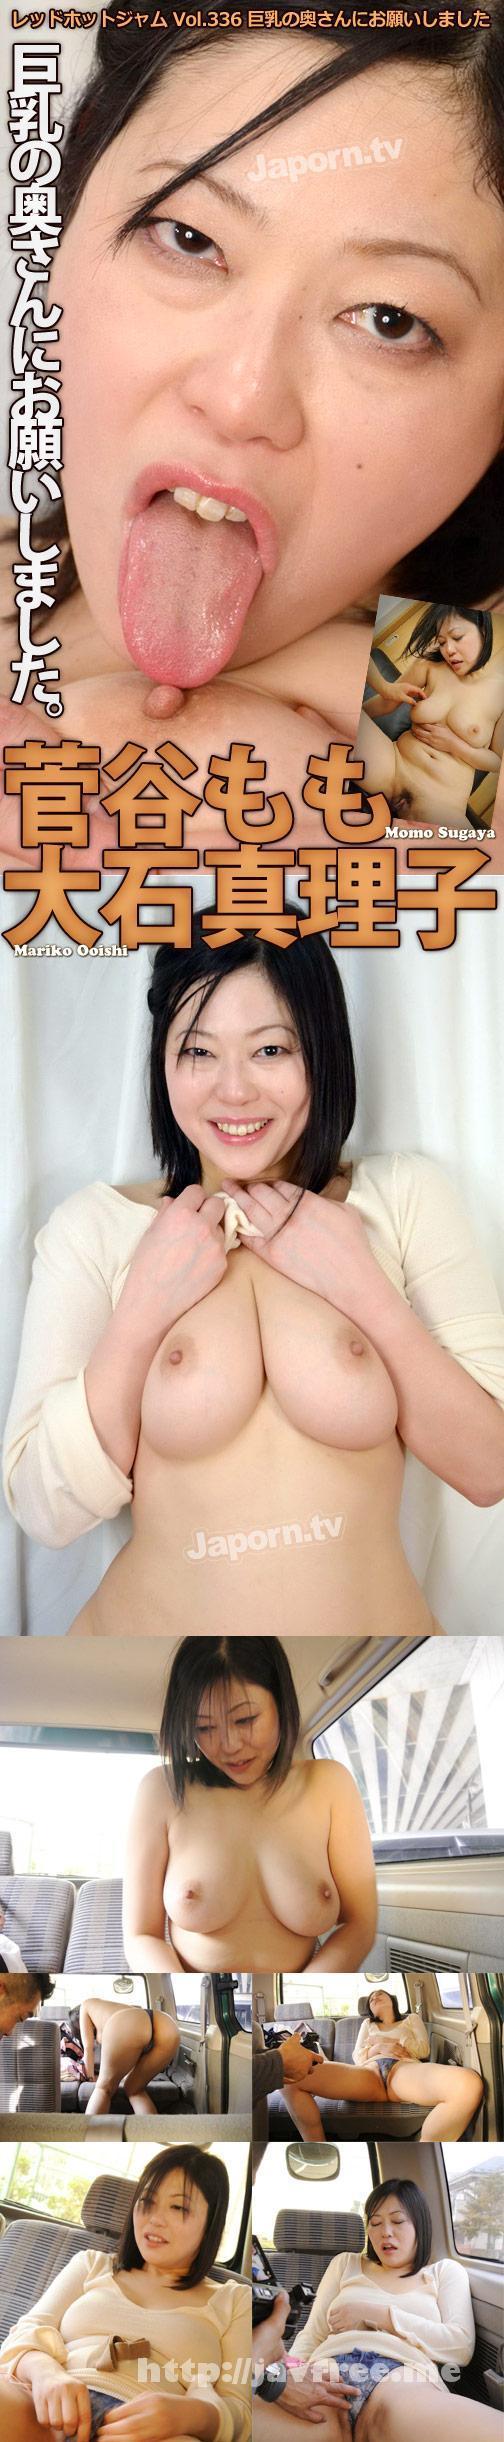 [RHJ-336] レッドホットジャム Vol.336 巨乳の奥さんにお願いしました : 菅谷もも, 大石真理子 - image RHJ-336_1 on https://javfree.me